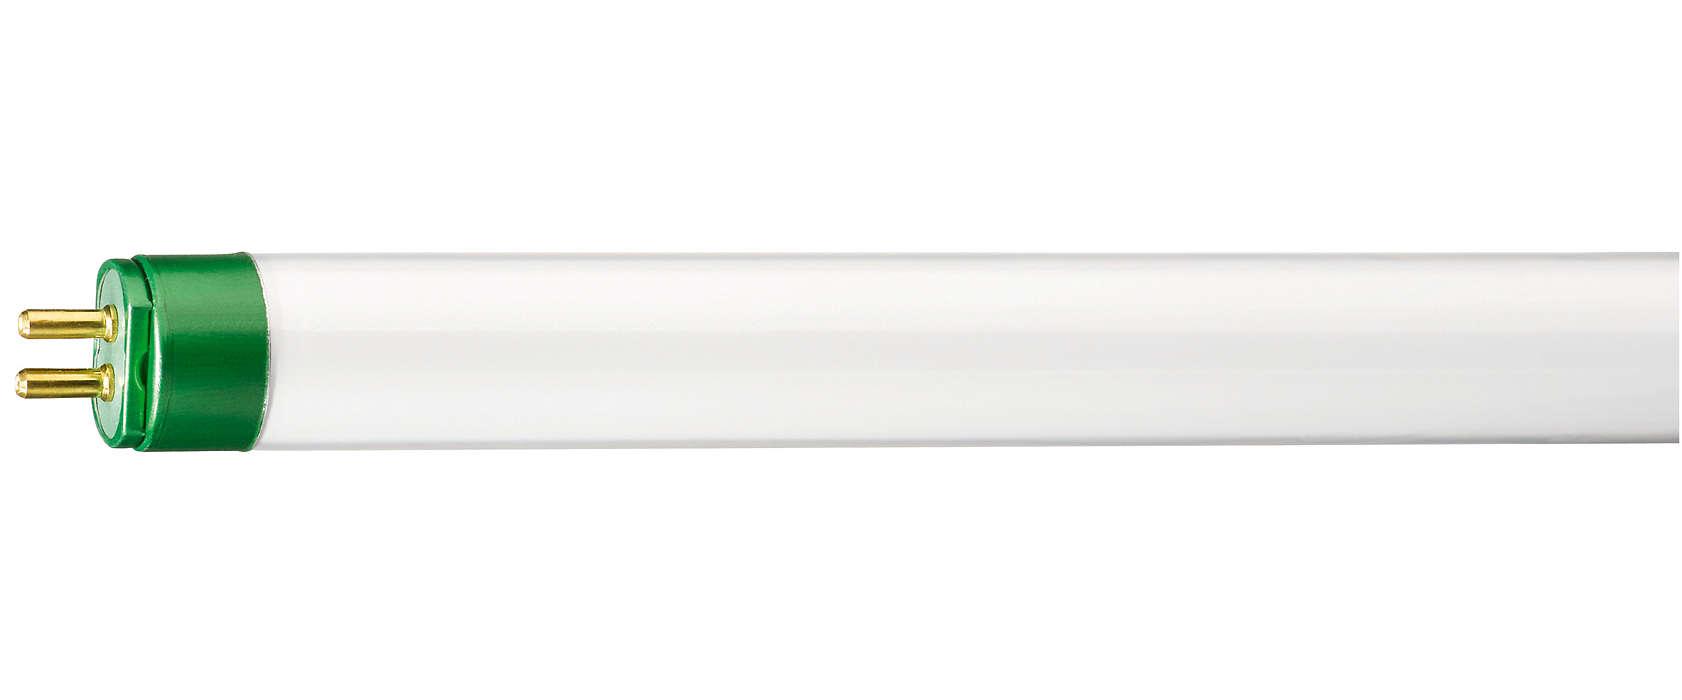 A iluminação fluorescente mais brilhante e eficiente do mundo